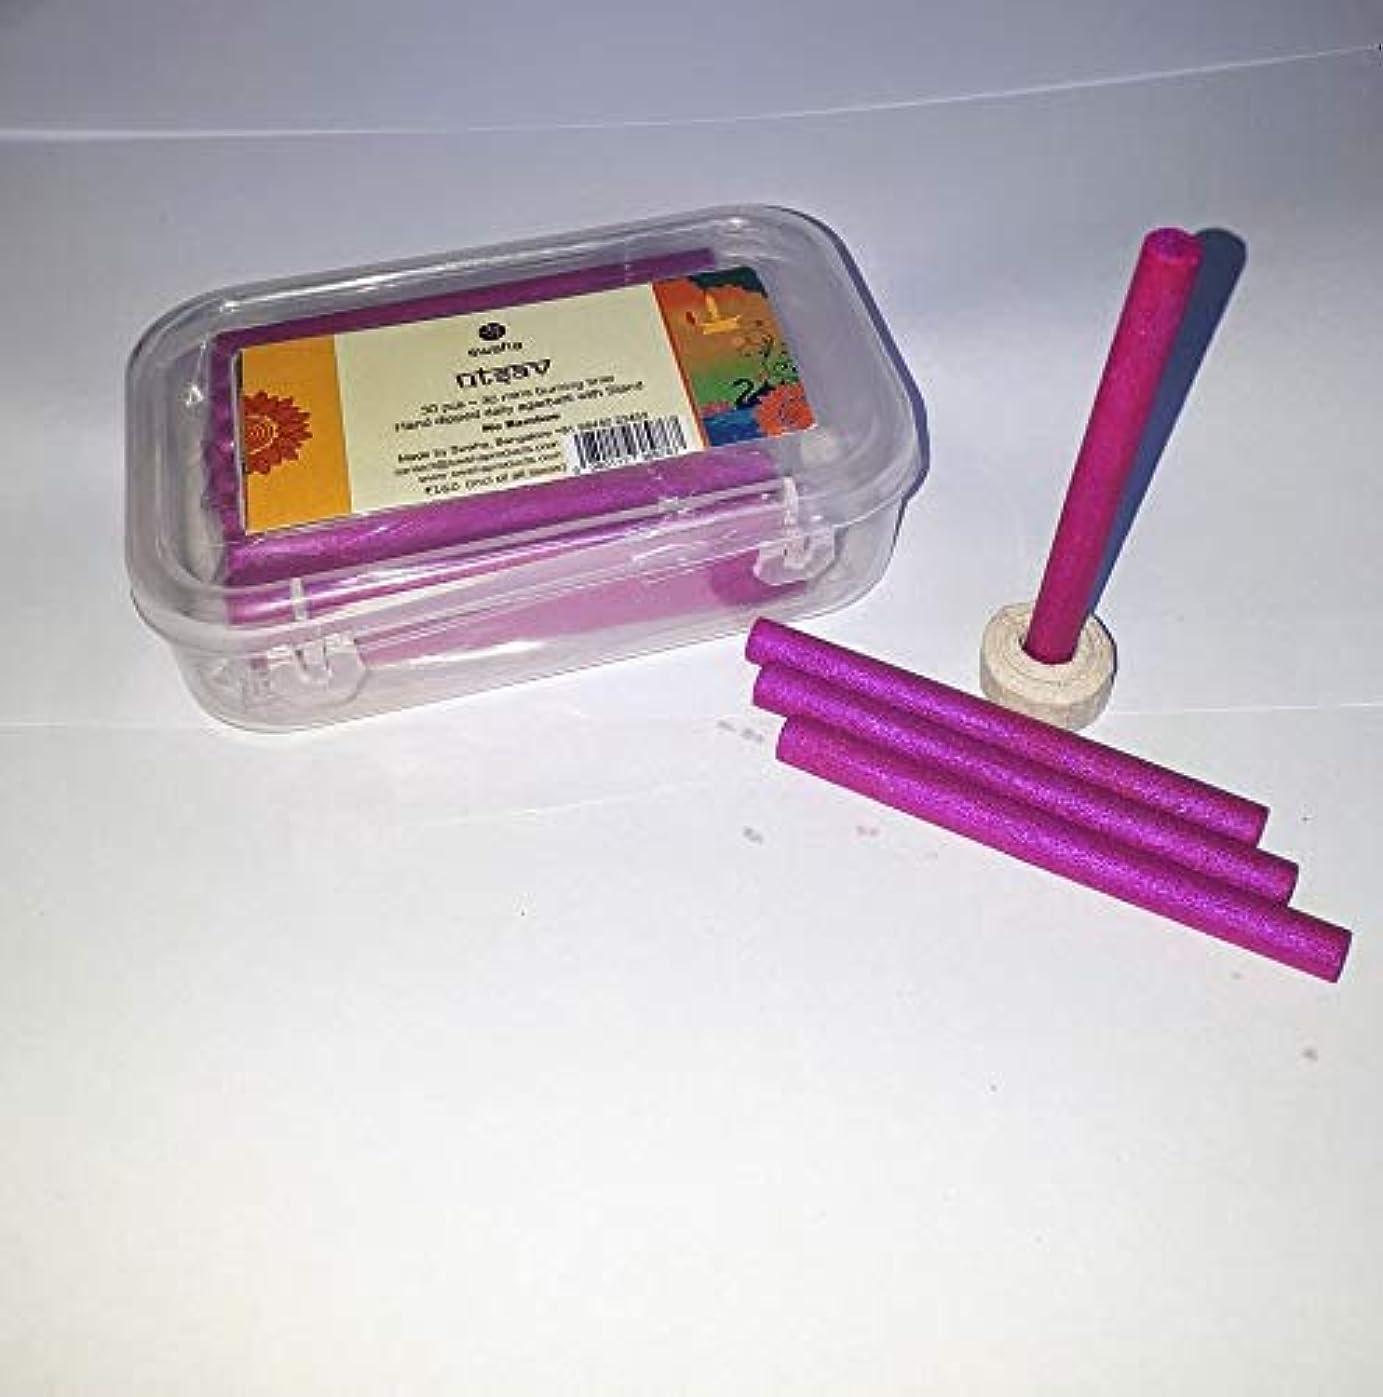 通常お勧めフィールドSwaha Utsav Cylindrical Incense Sticks (7.5 cm x 1 cm x 1 cm, Pink, Set of 30)